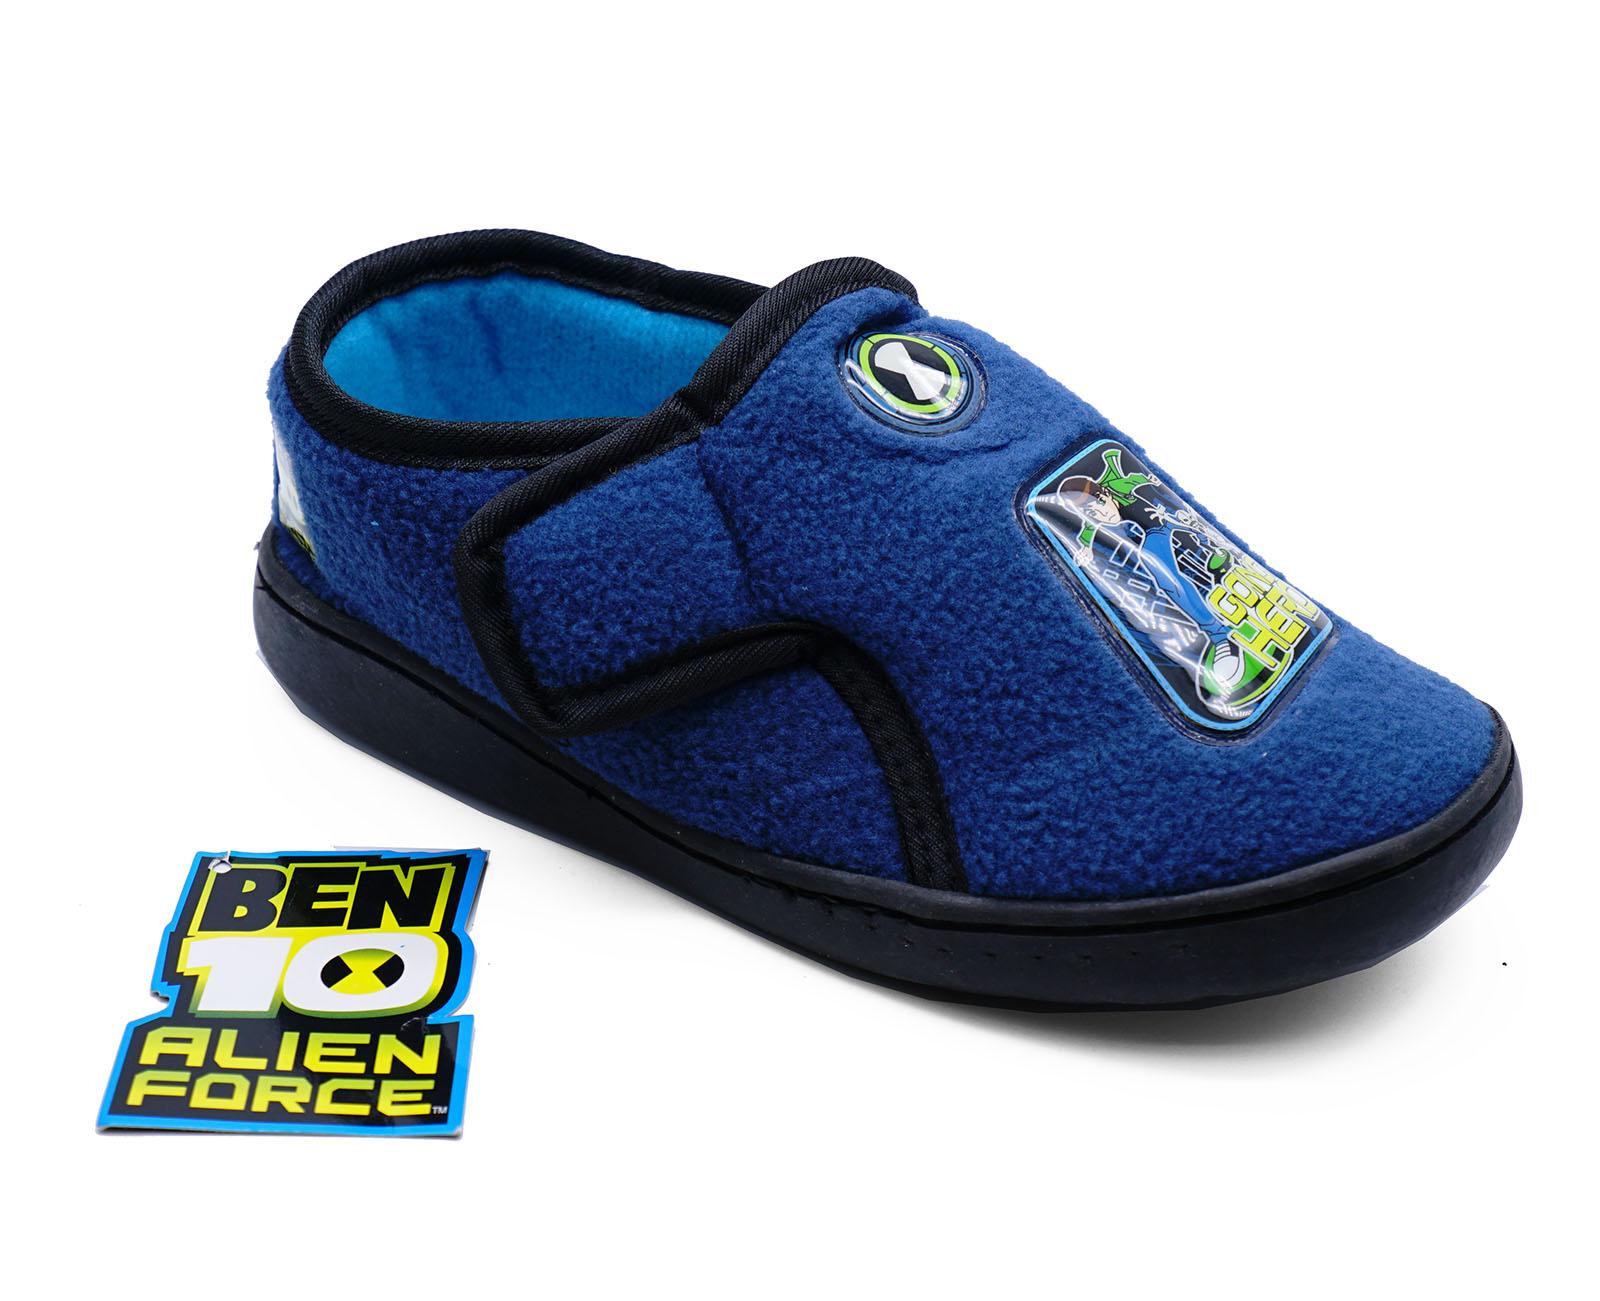 Niños Niño Ben 10 AZUL CÓMODO Polar Pantuflas Cálidas Júnior Zapatos UK 9-1